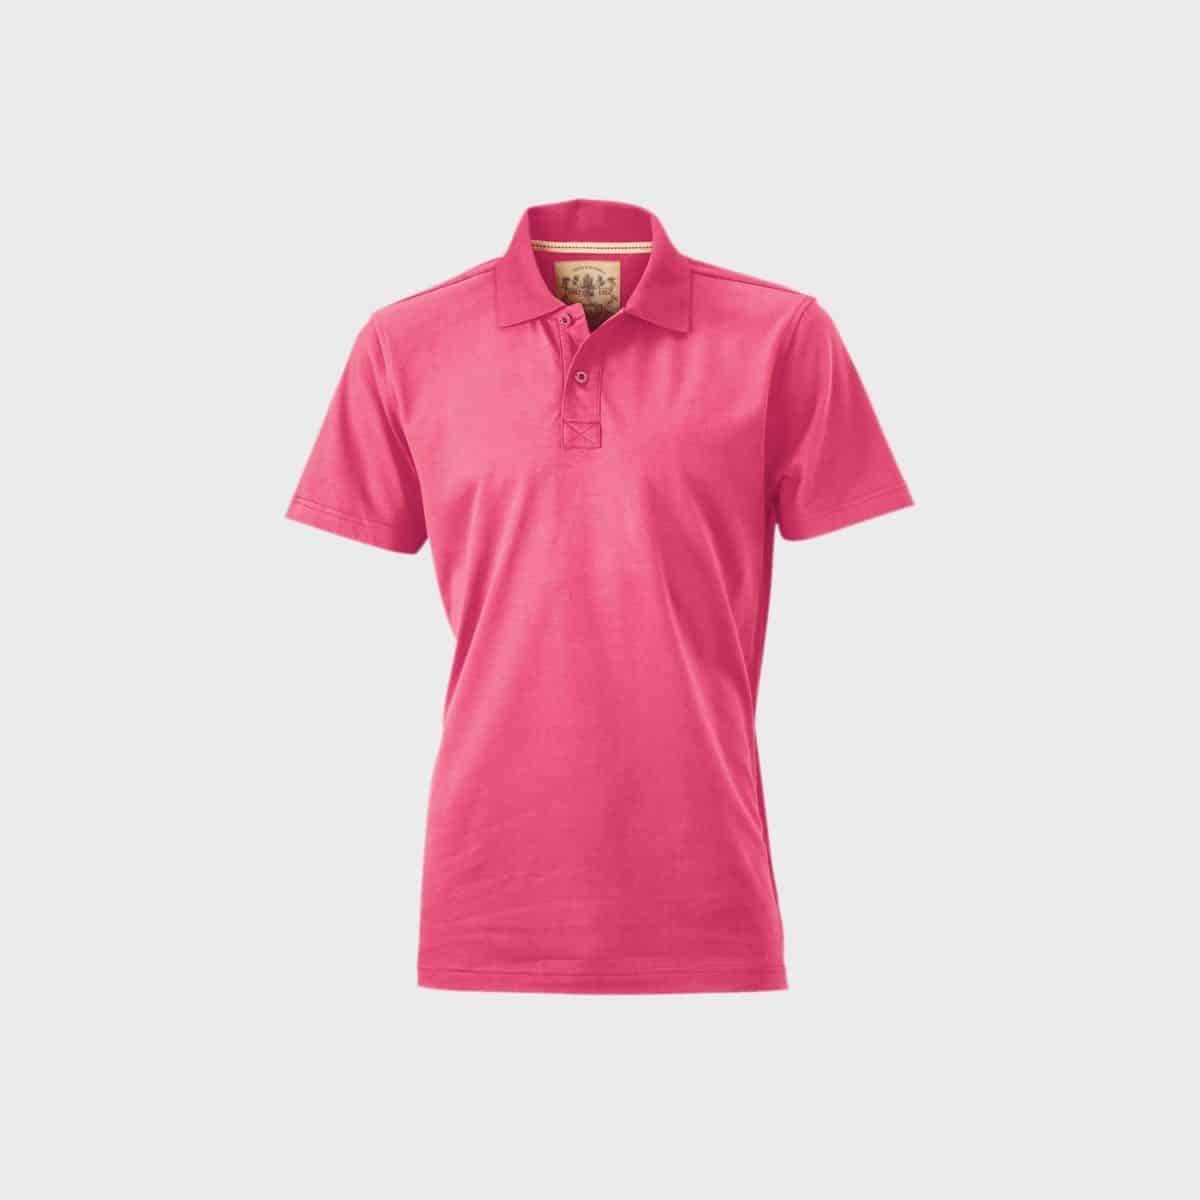 vintage-polo-t-shirt-herren-pink-kaufen-besticken_stickmanufaktur